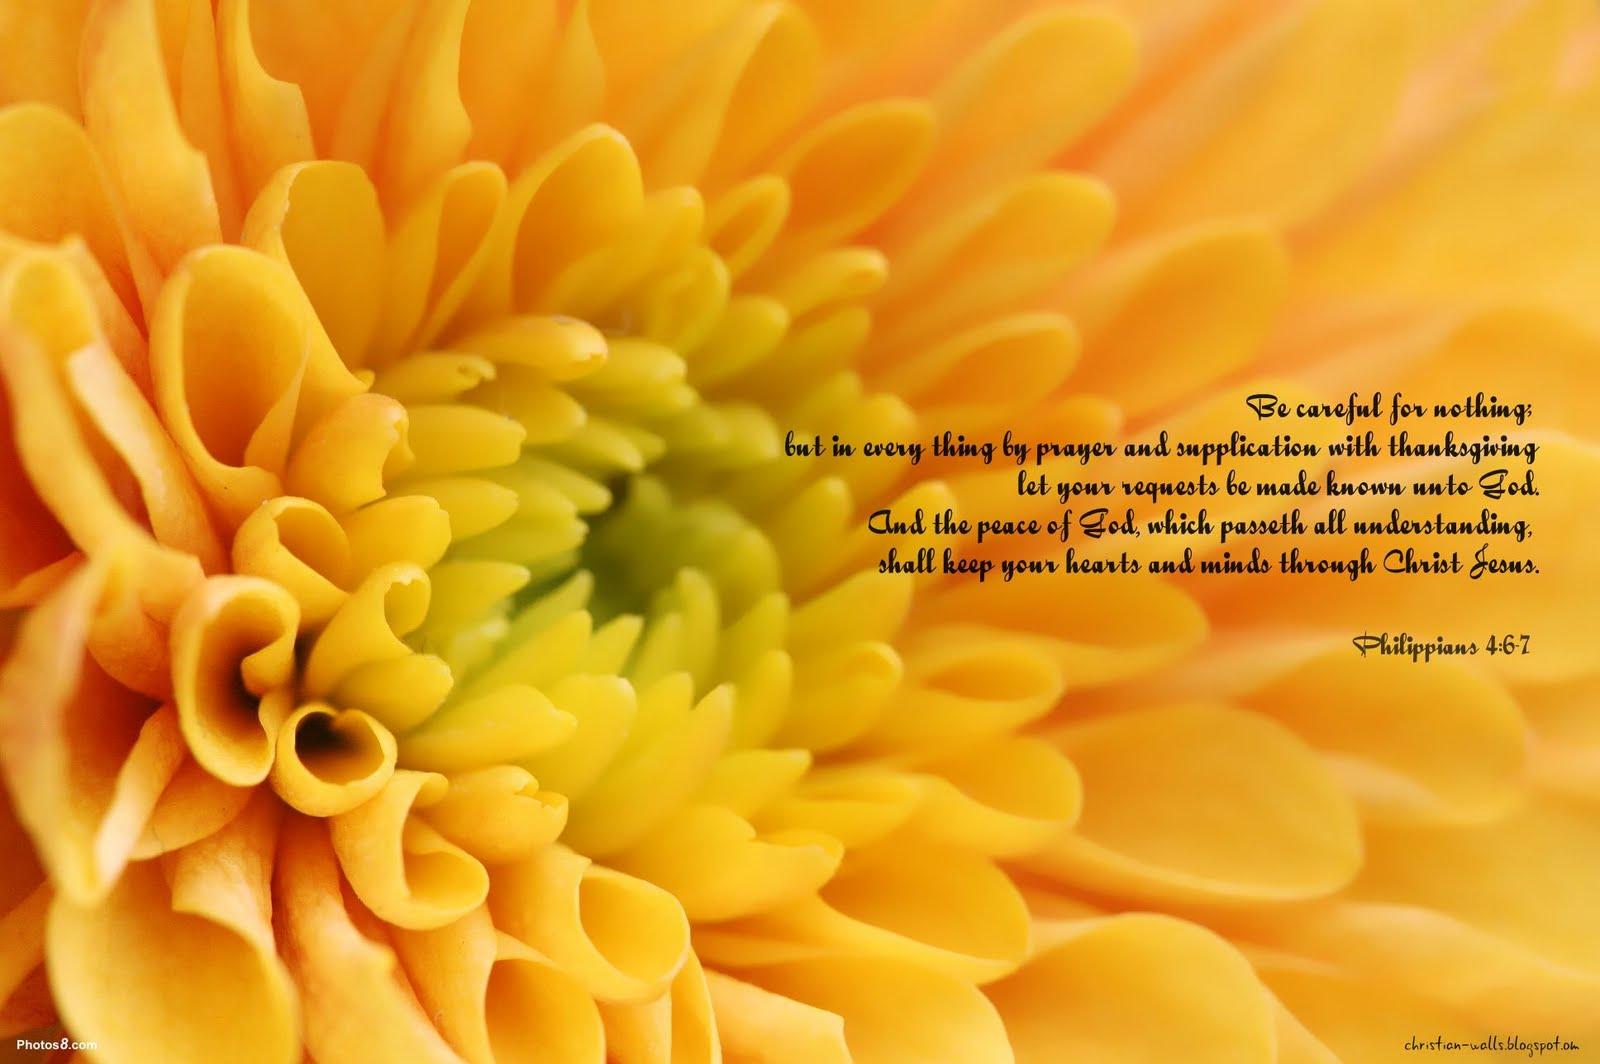 Philippians 46 7